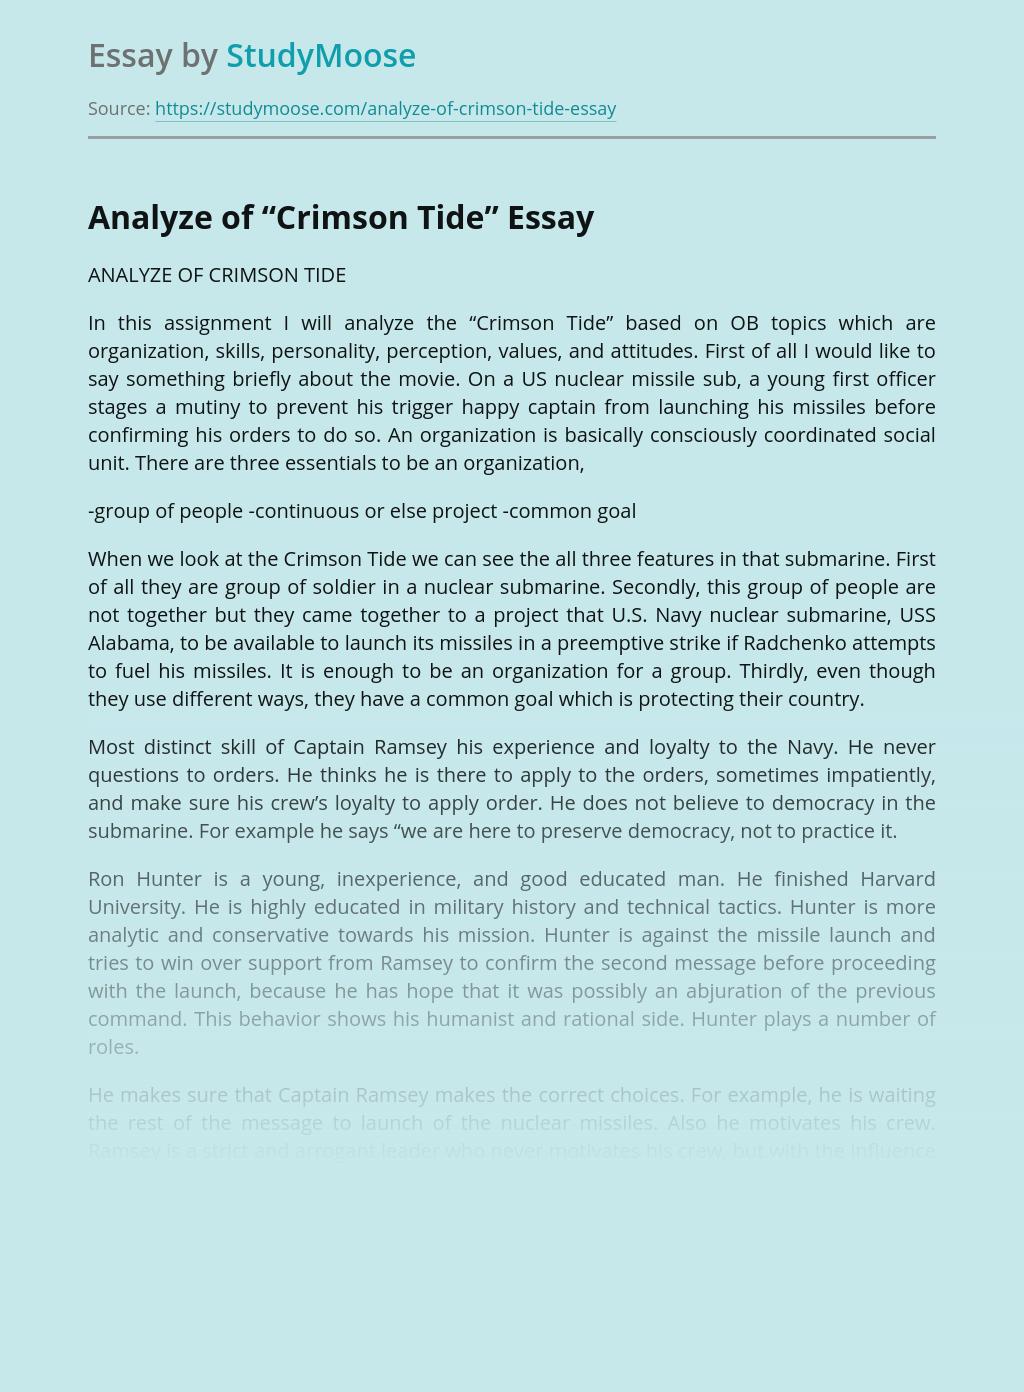 Big Five Personality Model of Crimson Tide